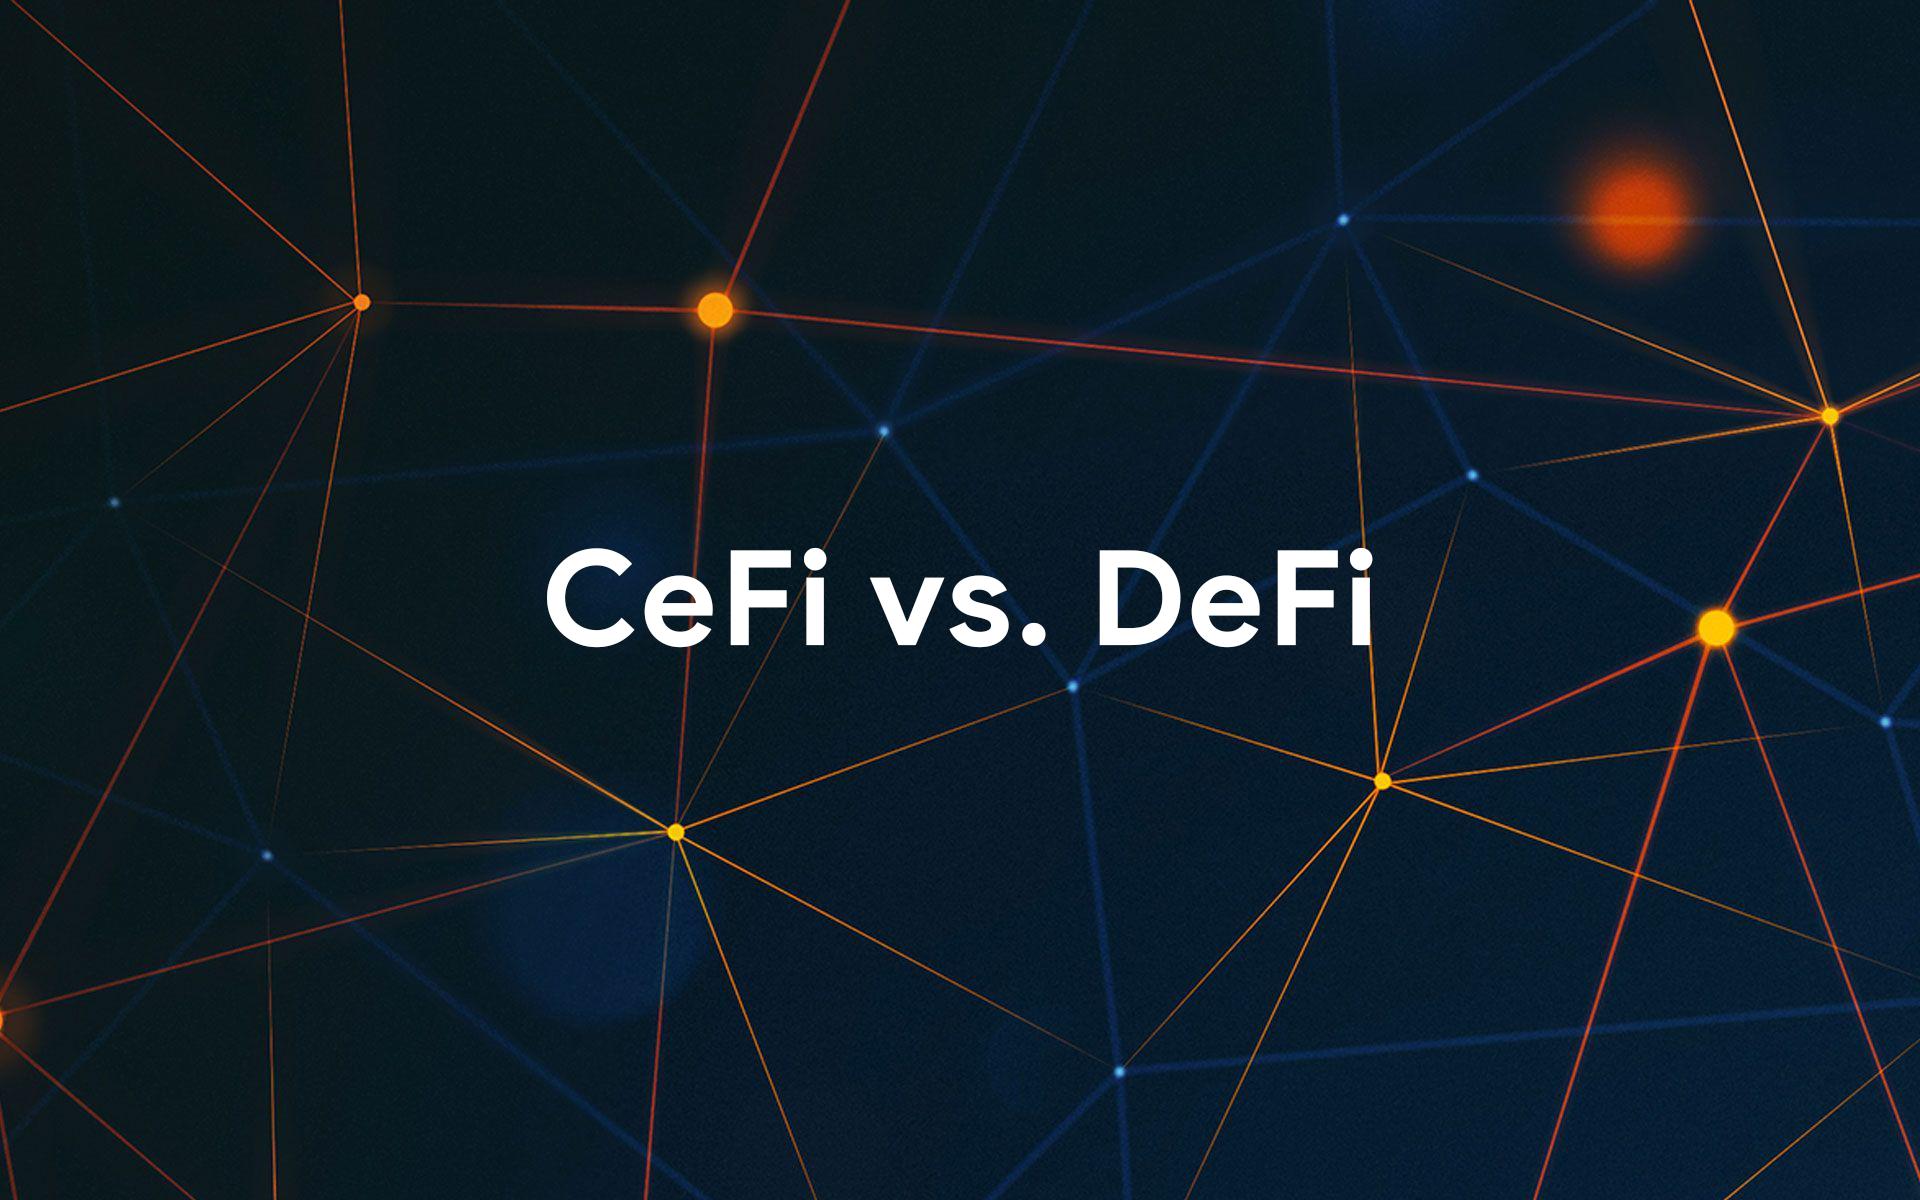 DeFi vs CeFi - jakie są różnice i czym się charakteryzują